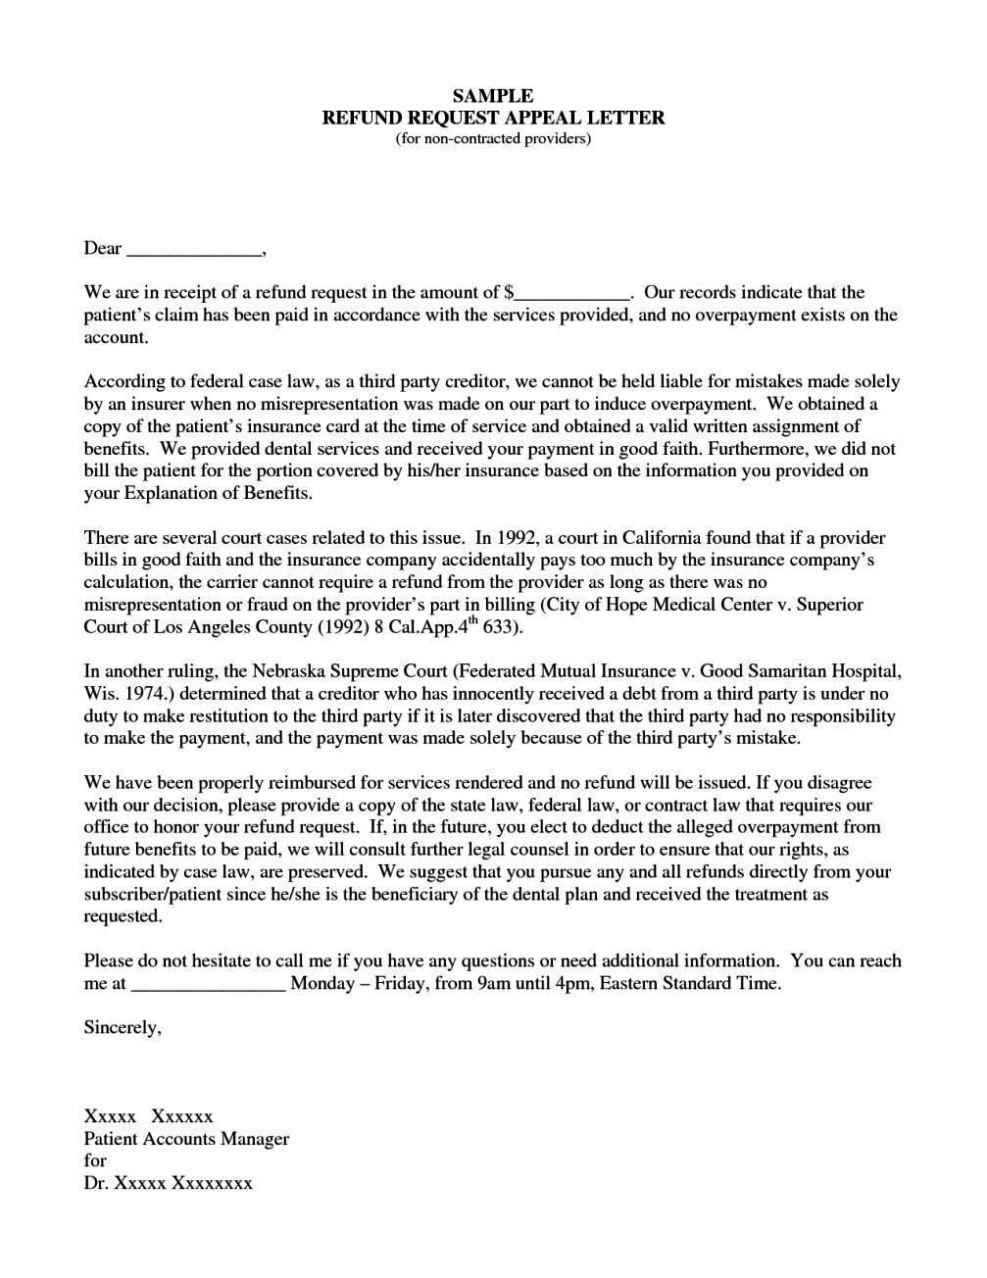 Appeal-Request-Letter-Sample T Shirt Order Form Blank on blank order form template, tee shirt order form, generic t-shirt order form, apparel order form, family reunion t-shirt order form, blank shirt order form printable, blank fundraiser order form printable, create a t-shirt order form, blank work order forms, blank food order form, blank t-shirt form printables, adult t-shirt order form, make a order form, microsoft t-shirt order form, custom t-shirt order form,